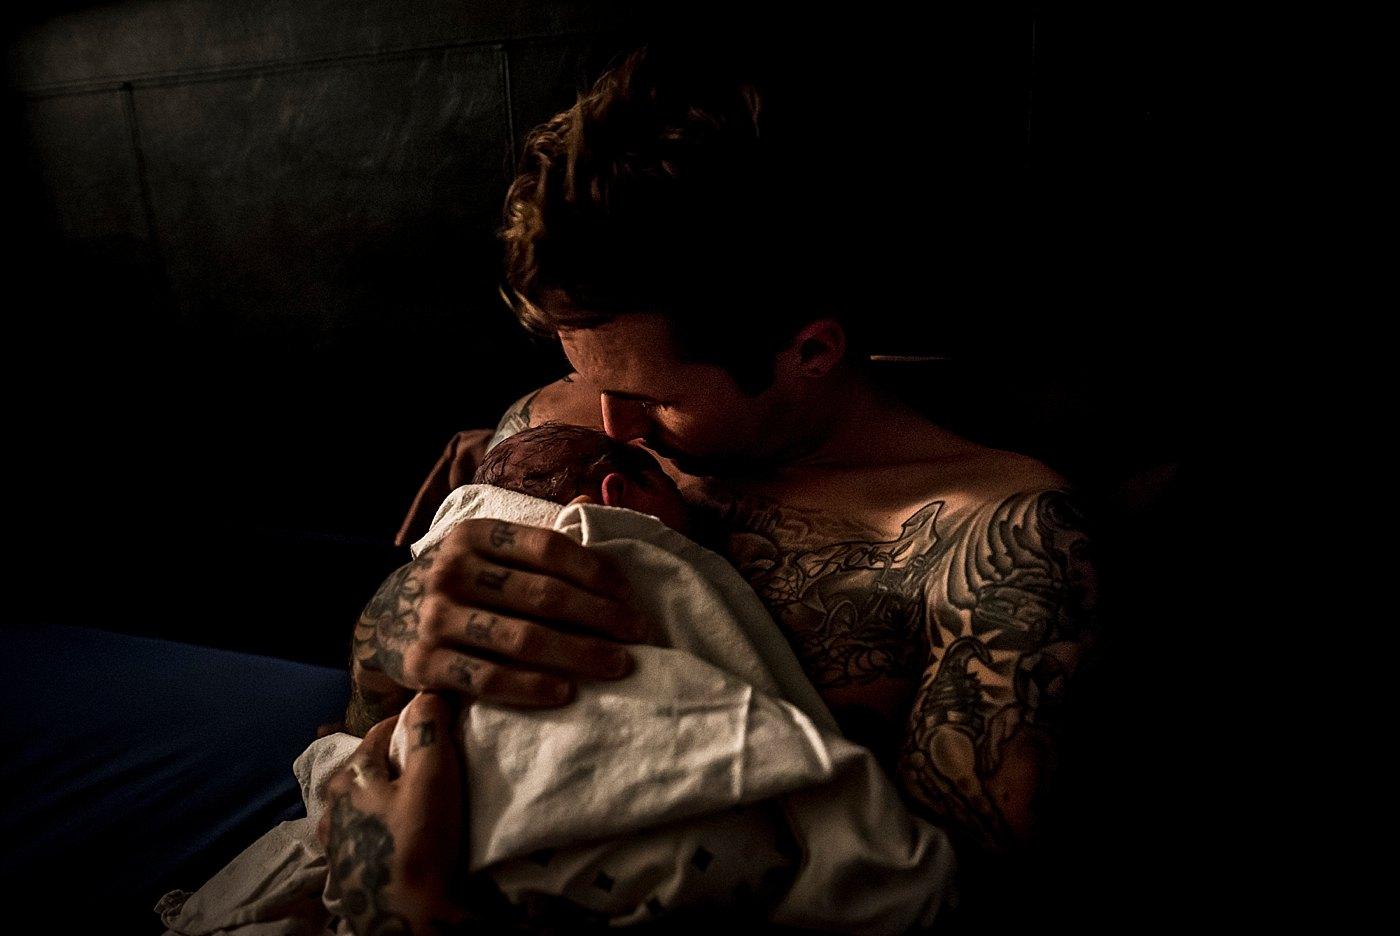 dad holding newborn son after birth redlands birth photographer